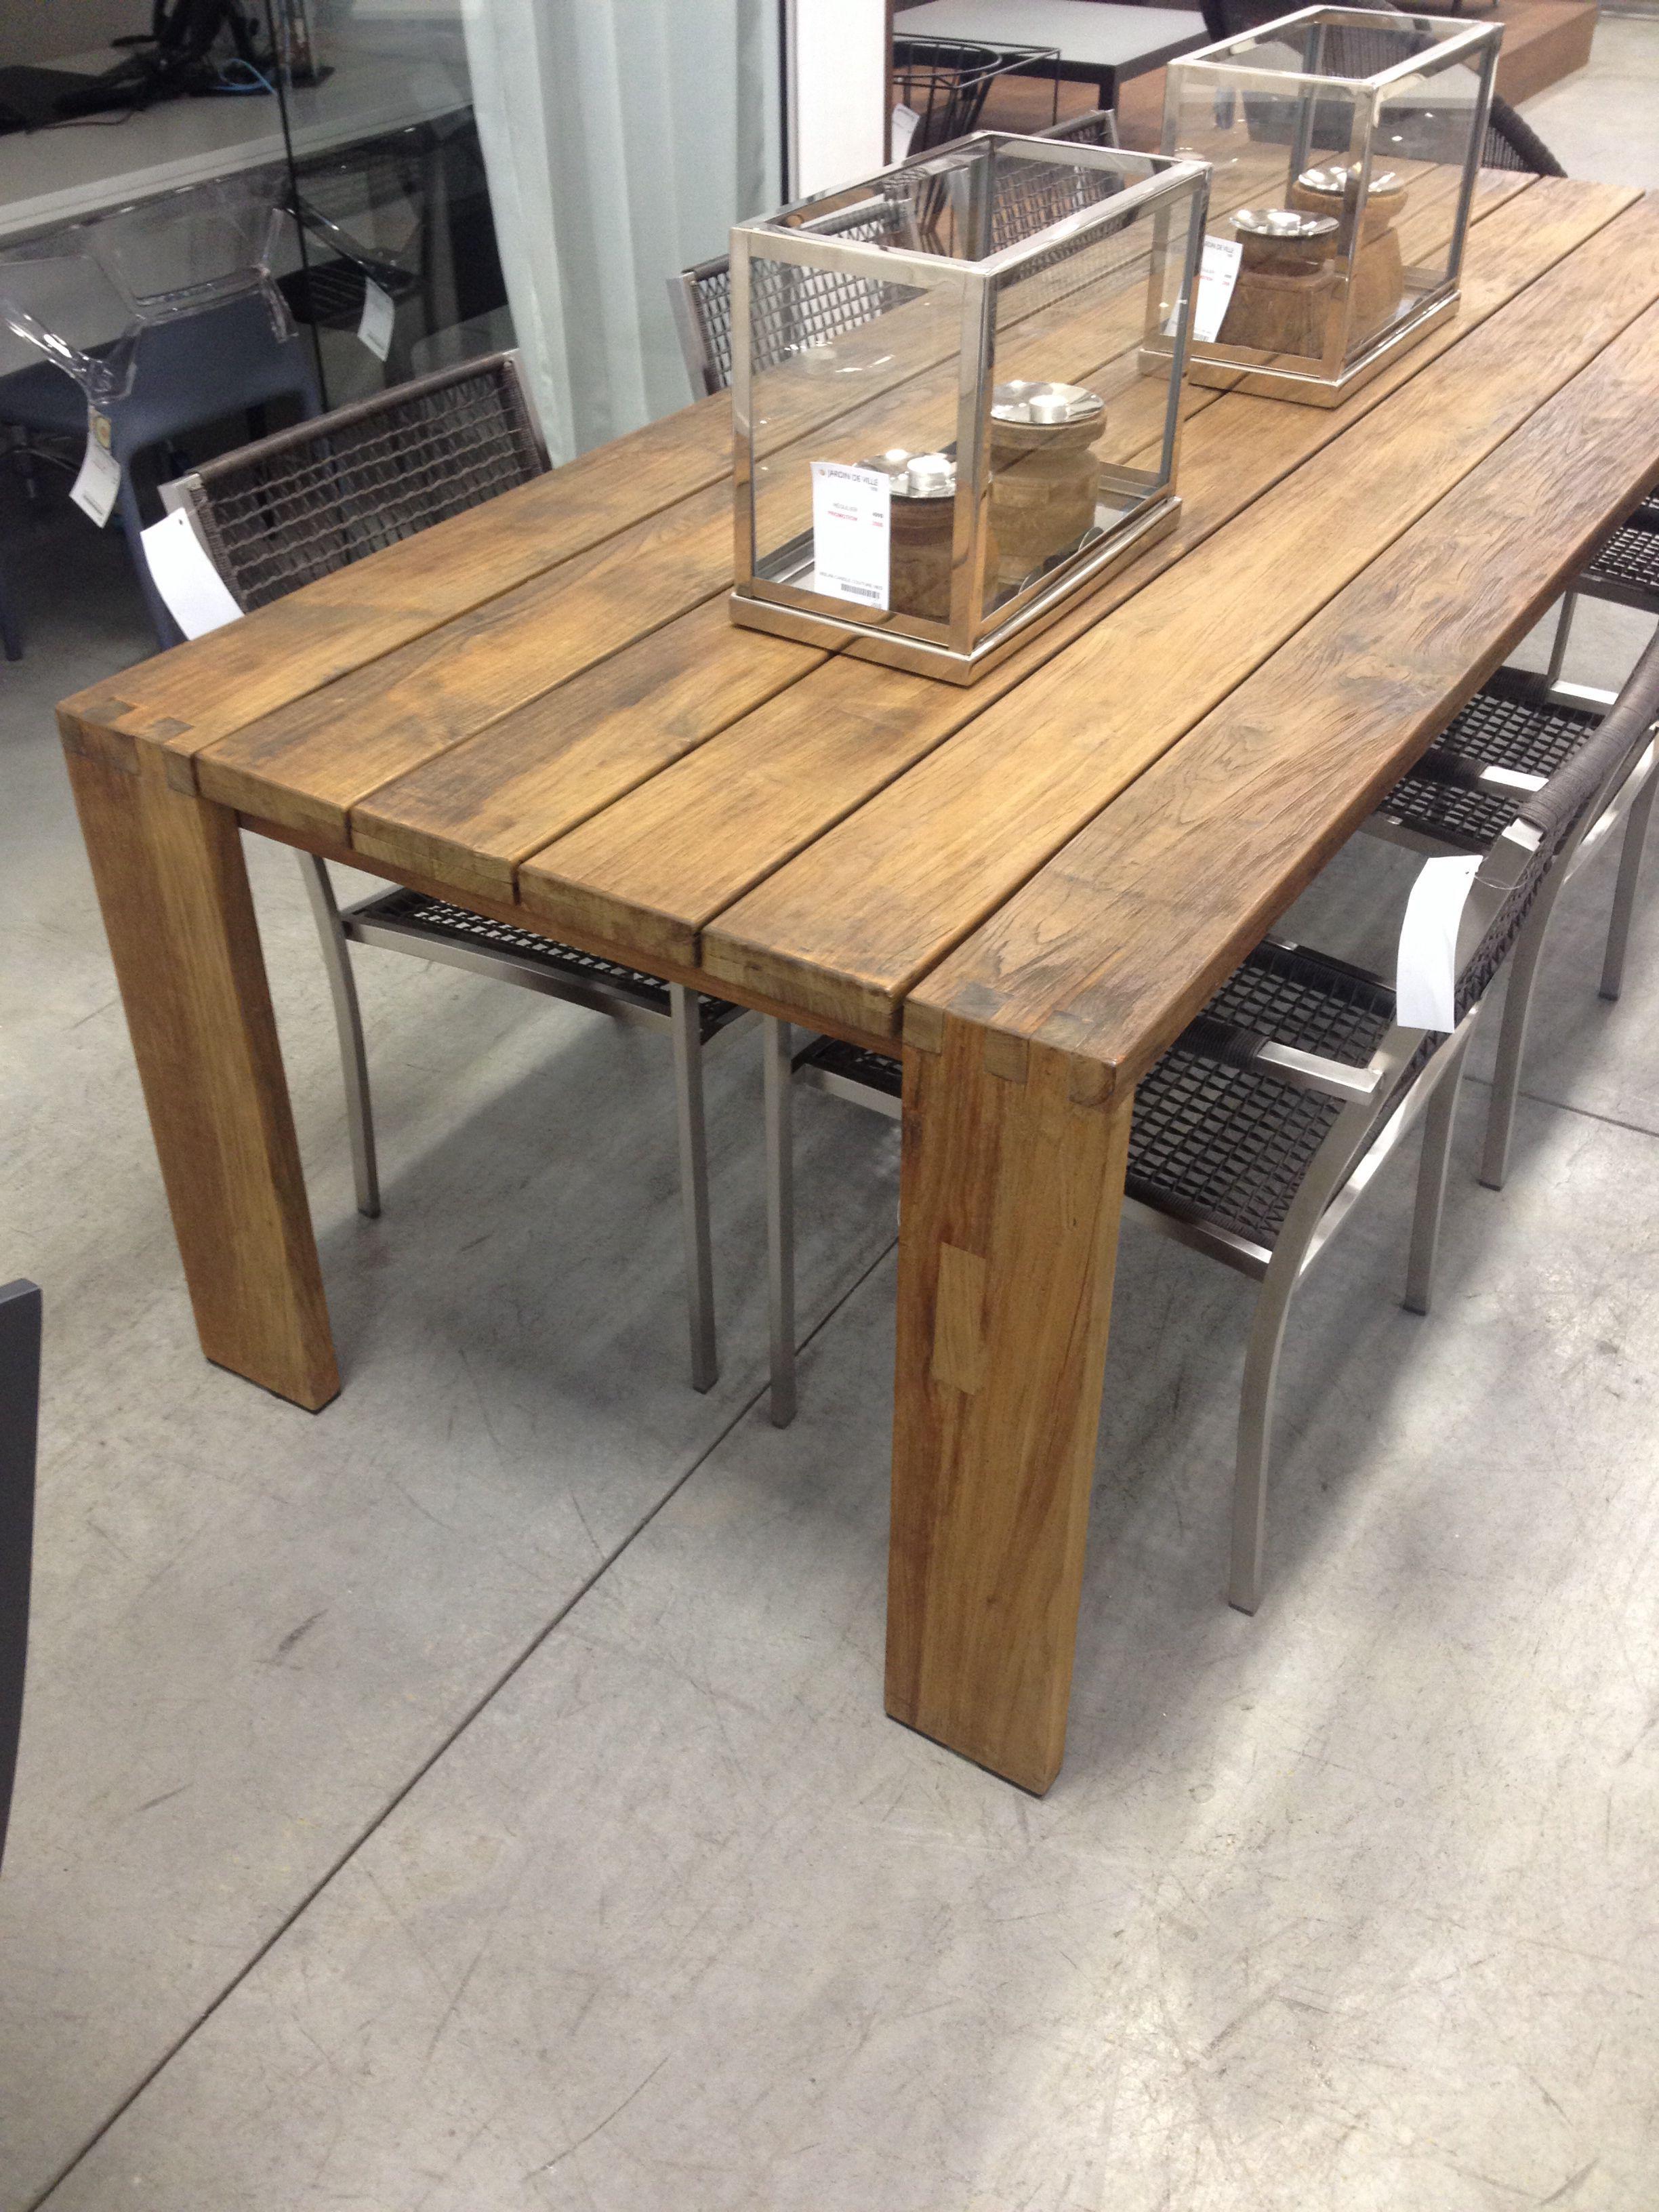 Les 25 meilleures id es de la cat gorie table exterieur - Table exterieur en bois ...